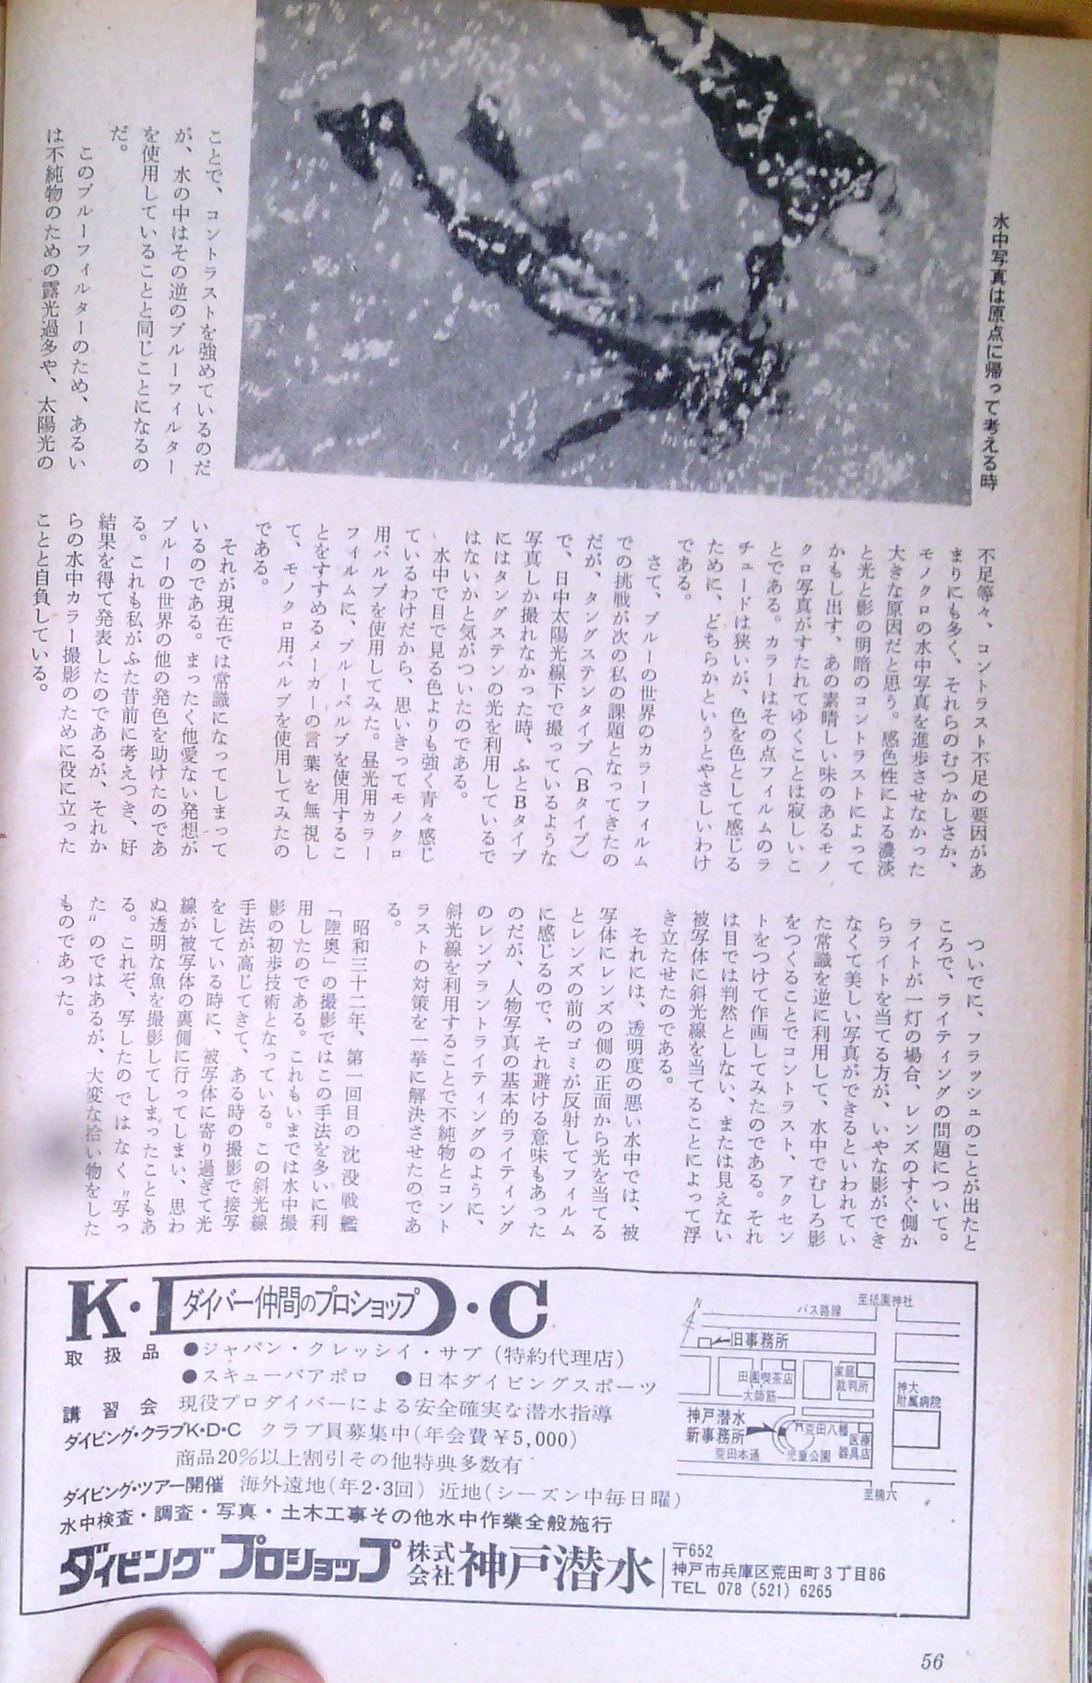 0517 ダイビングの歴史 72 海の世界1974-7月 2_b0075059_15375356.jpg